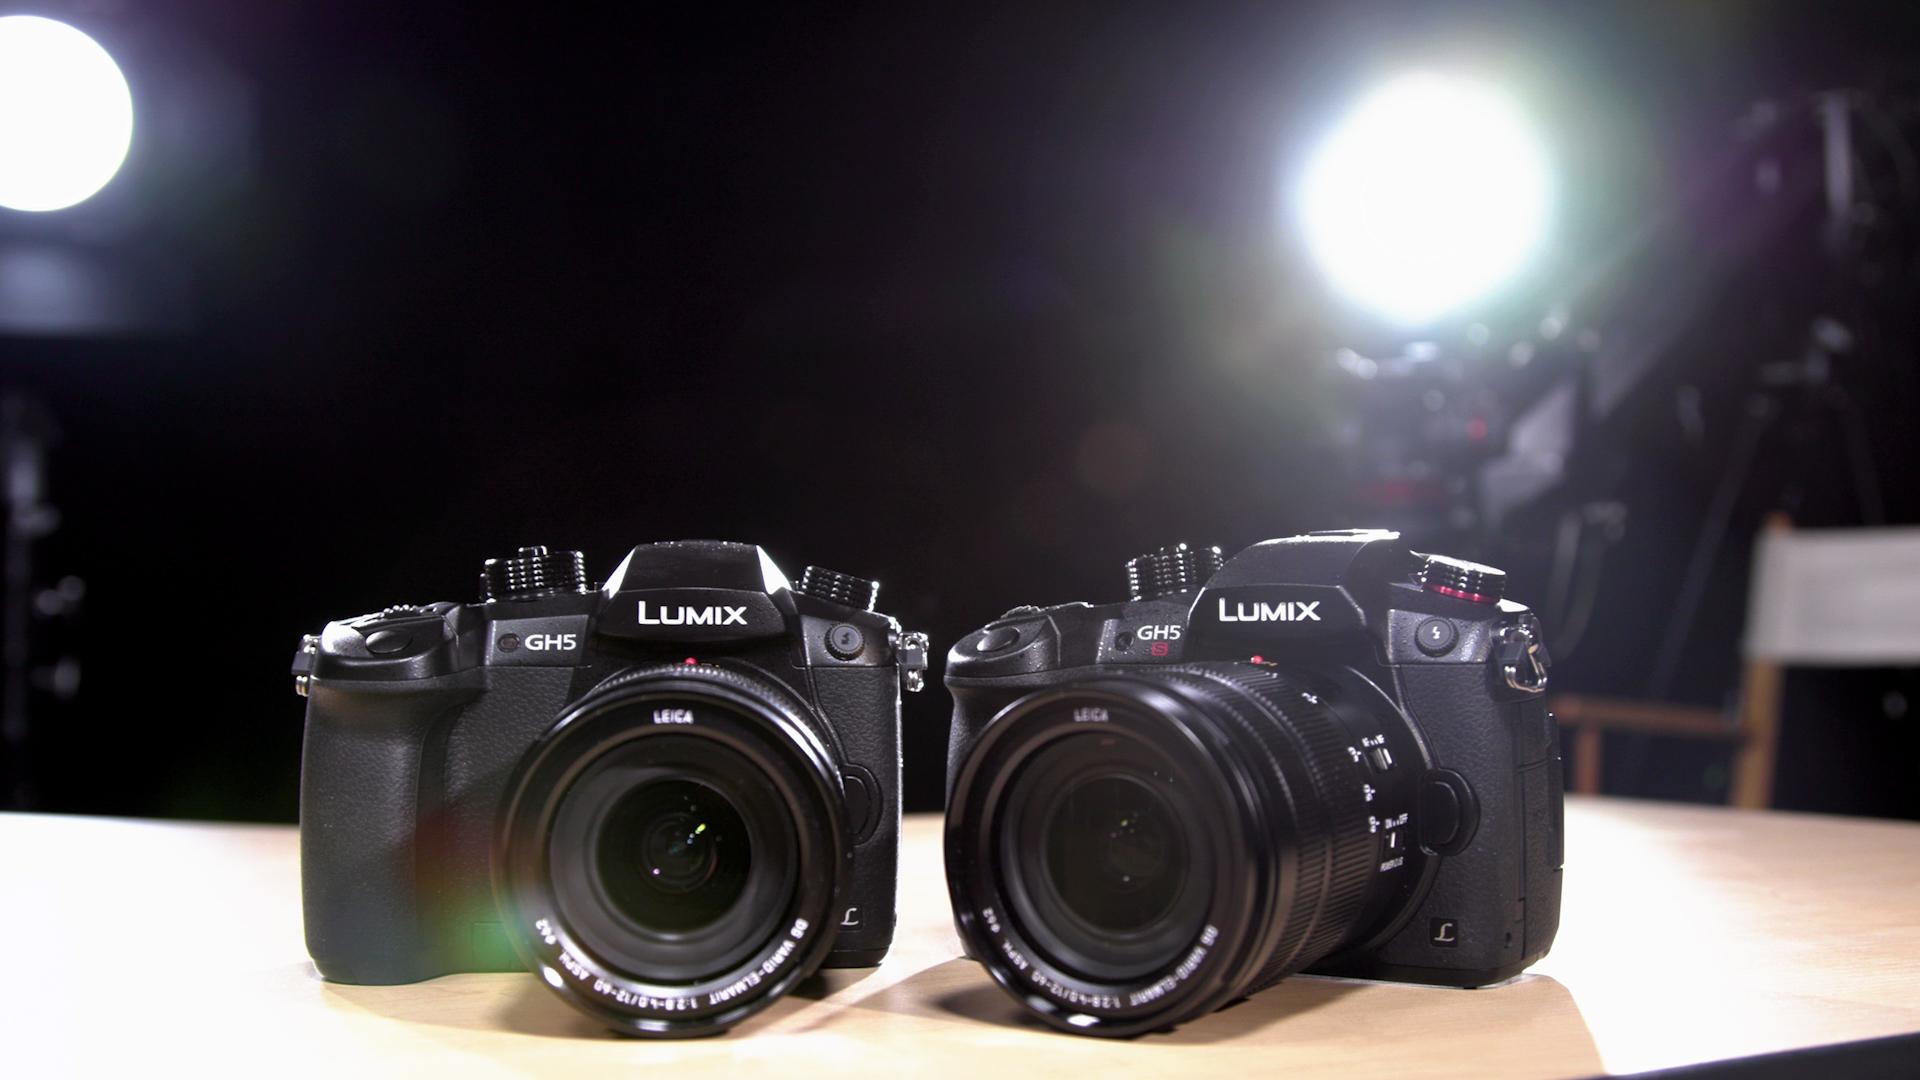 Panasonic GH5 vs GH5s - Videomaker